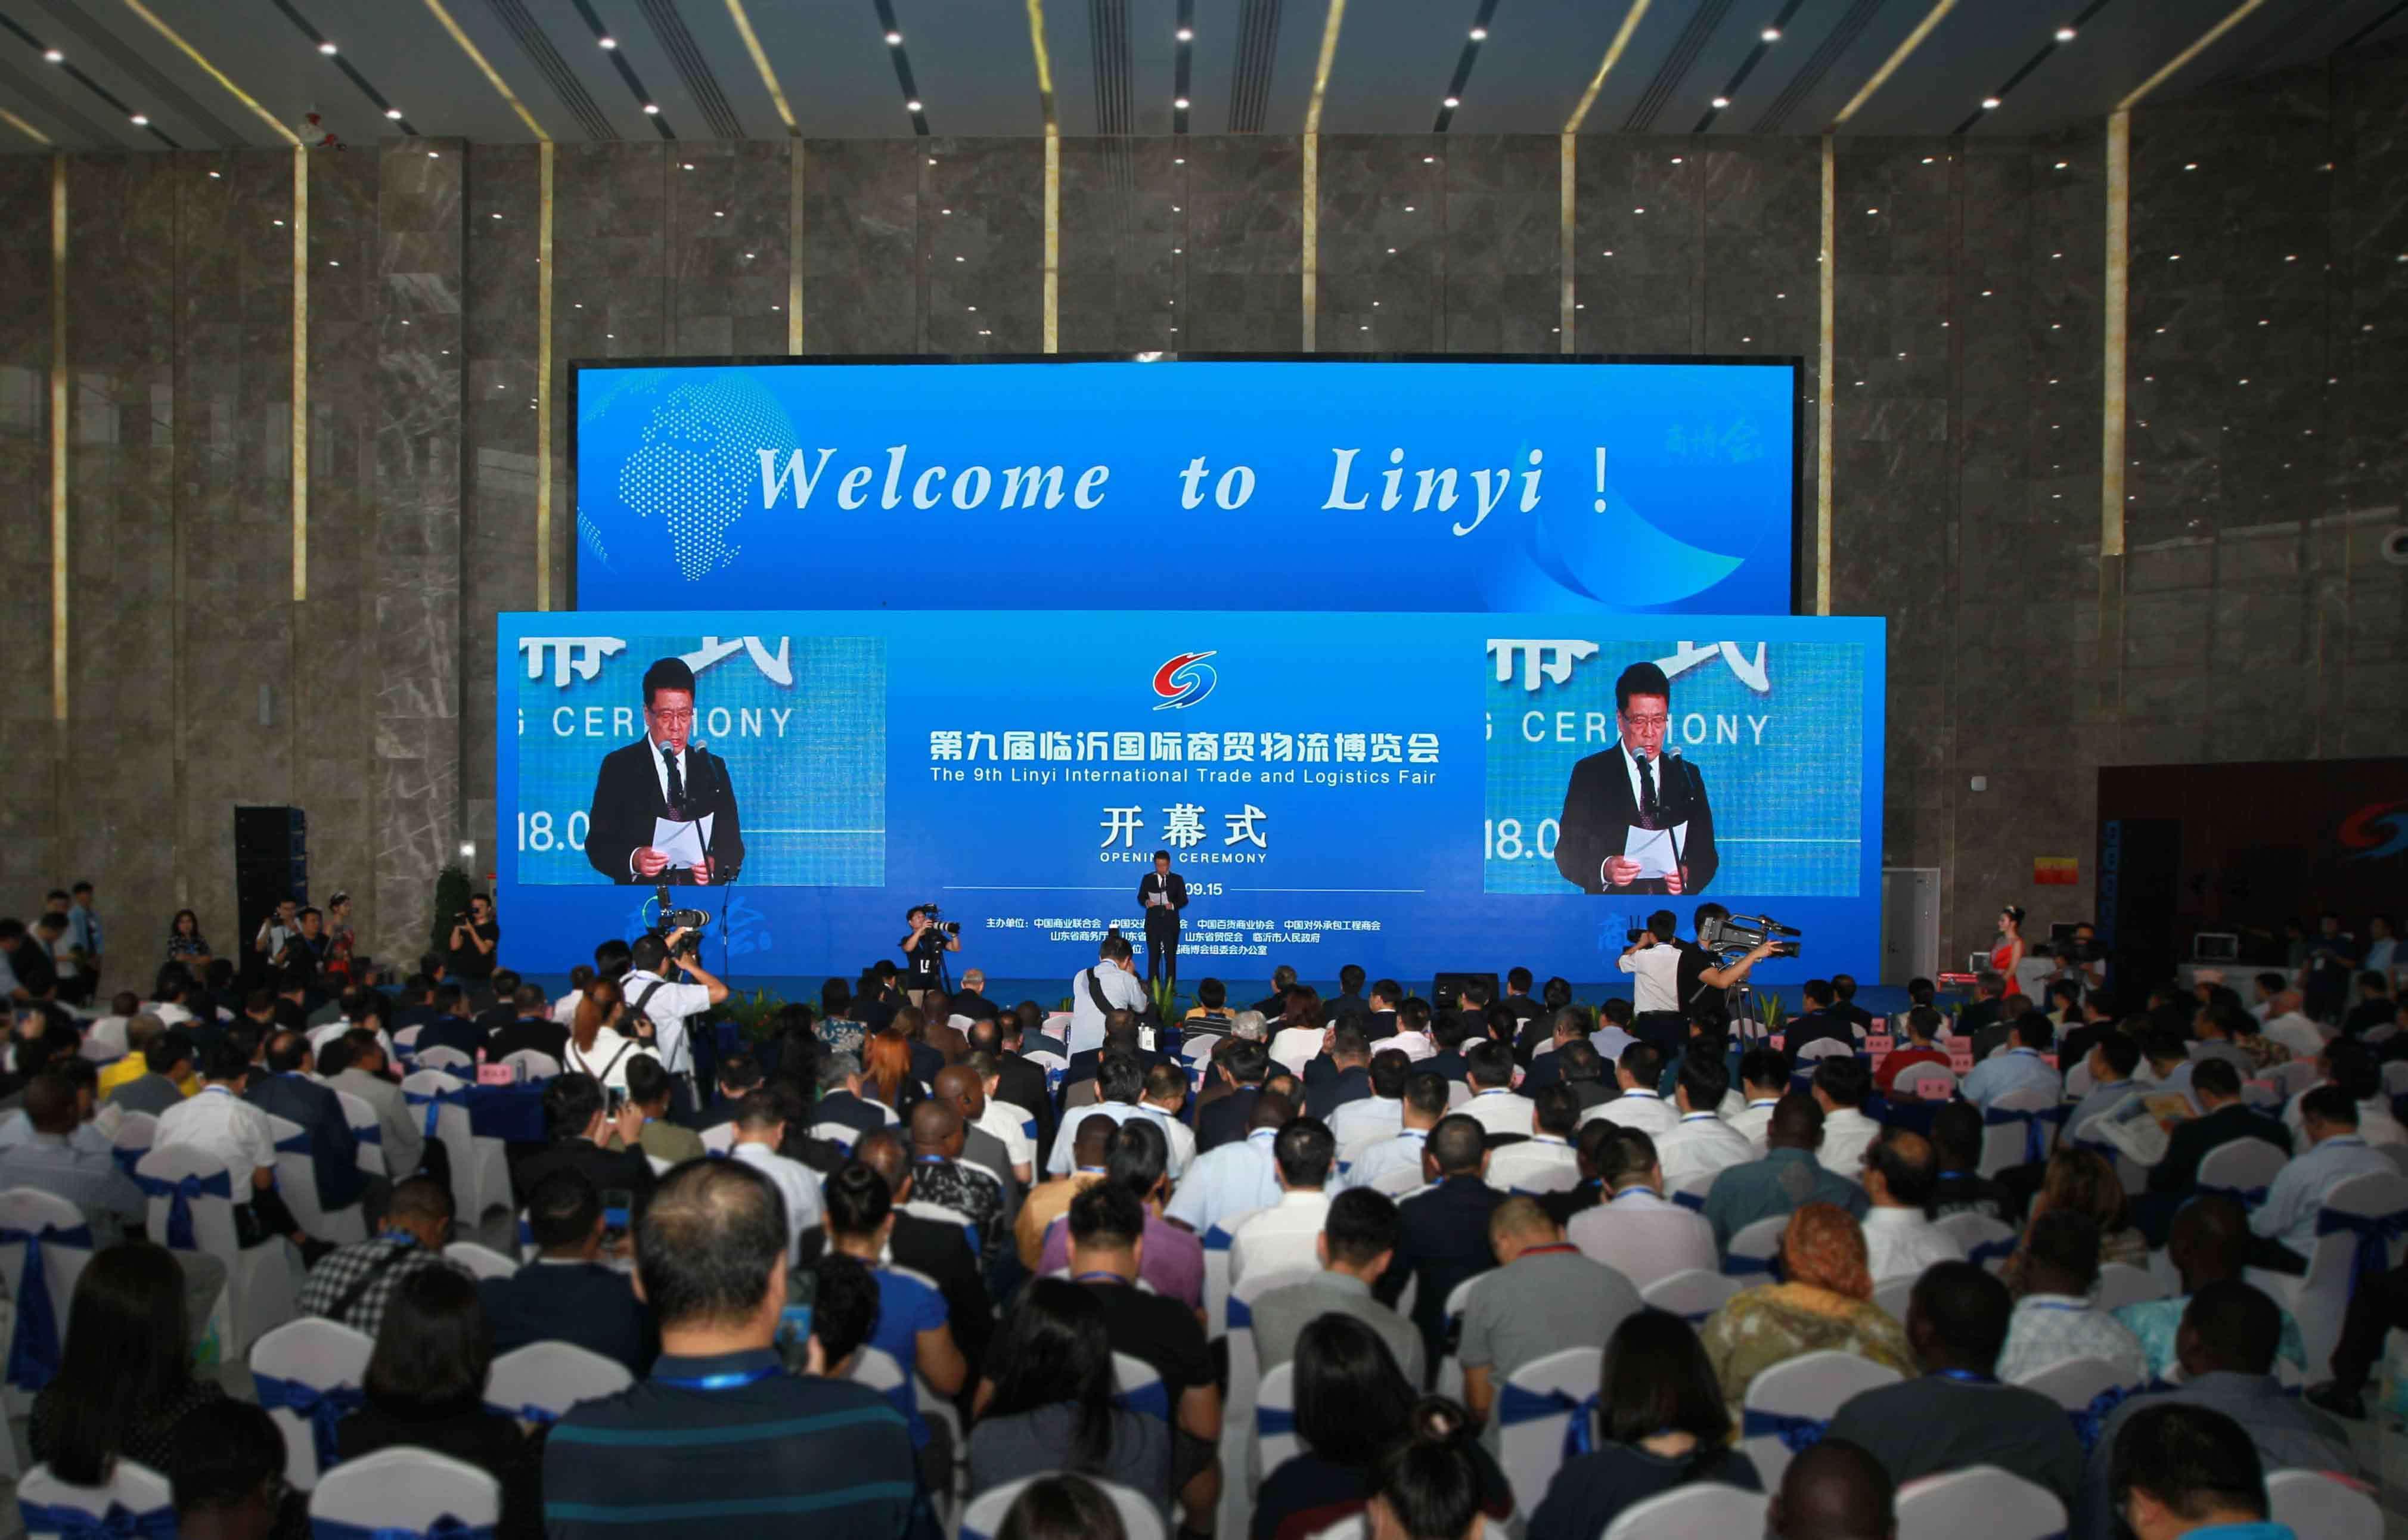 盛况空前,嘉居卫浴邀您共赏中国(临沂)国际上博会展会盛况!